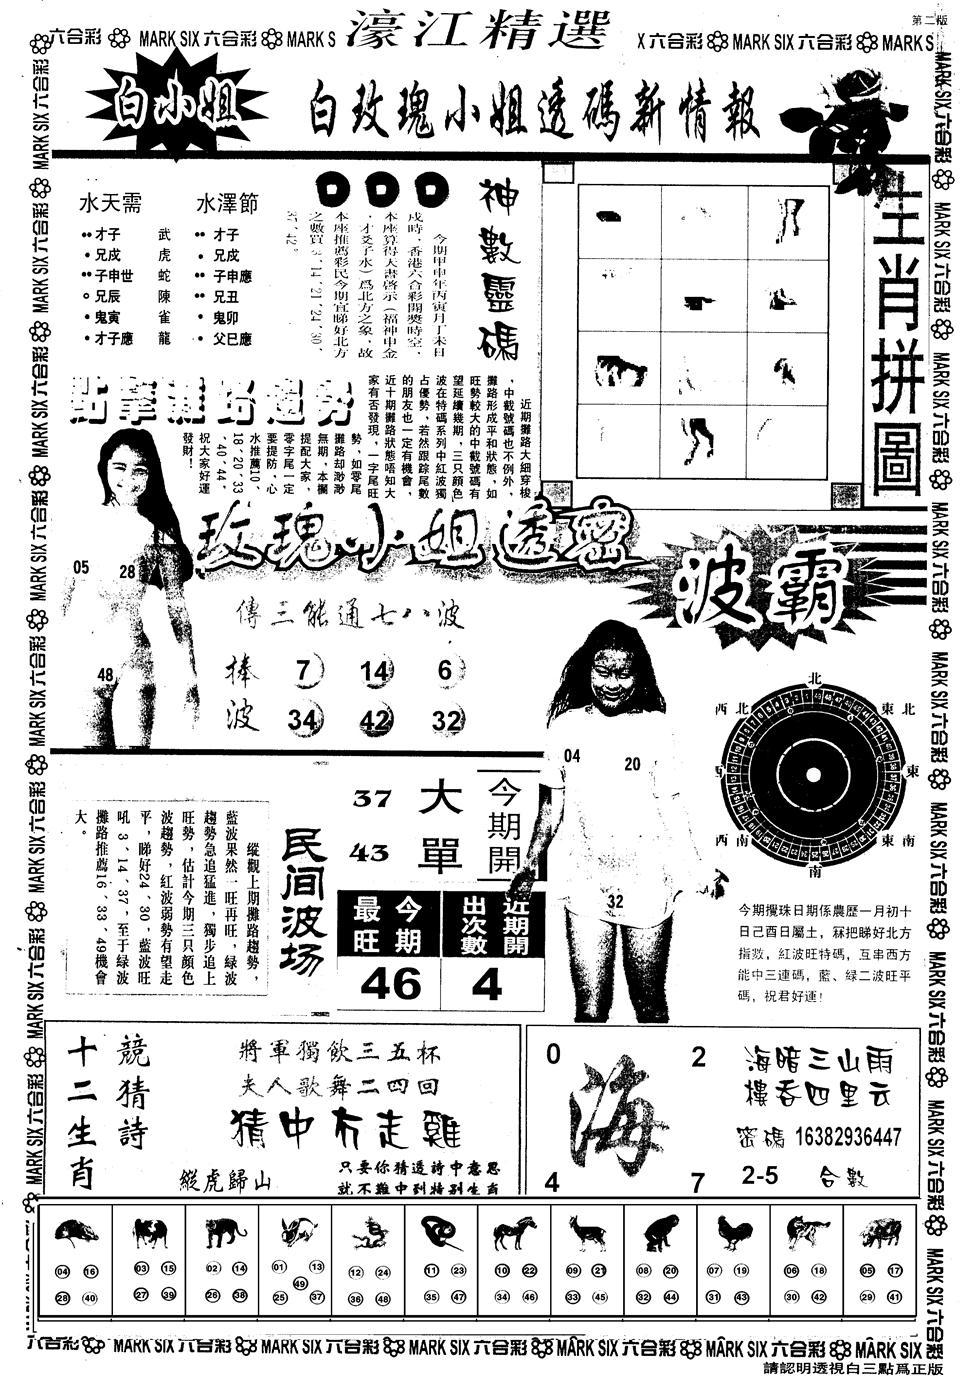 077期另版濠江精选B(黑白)